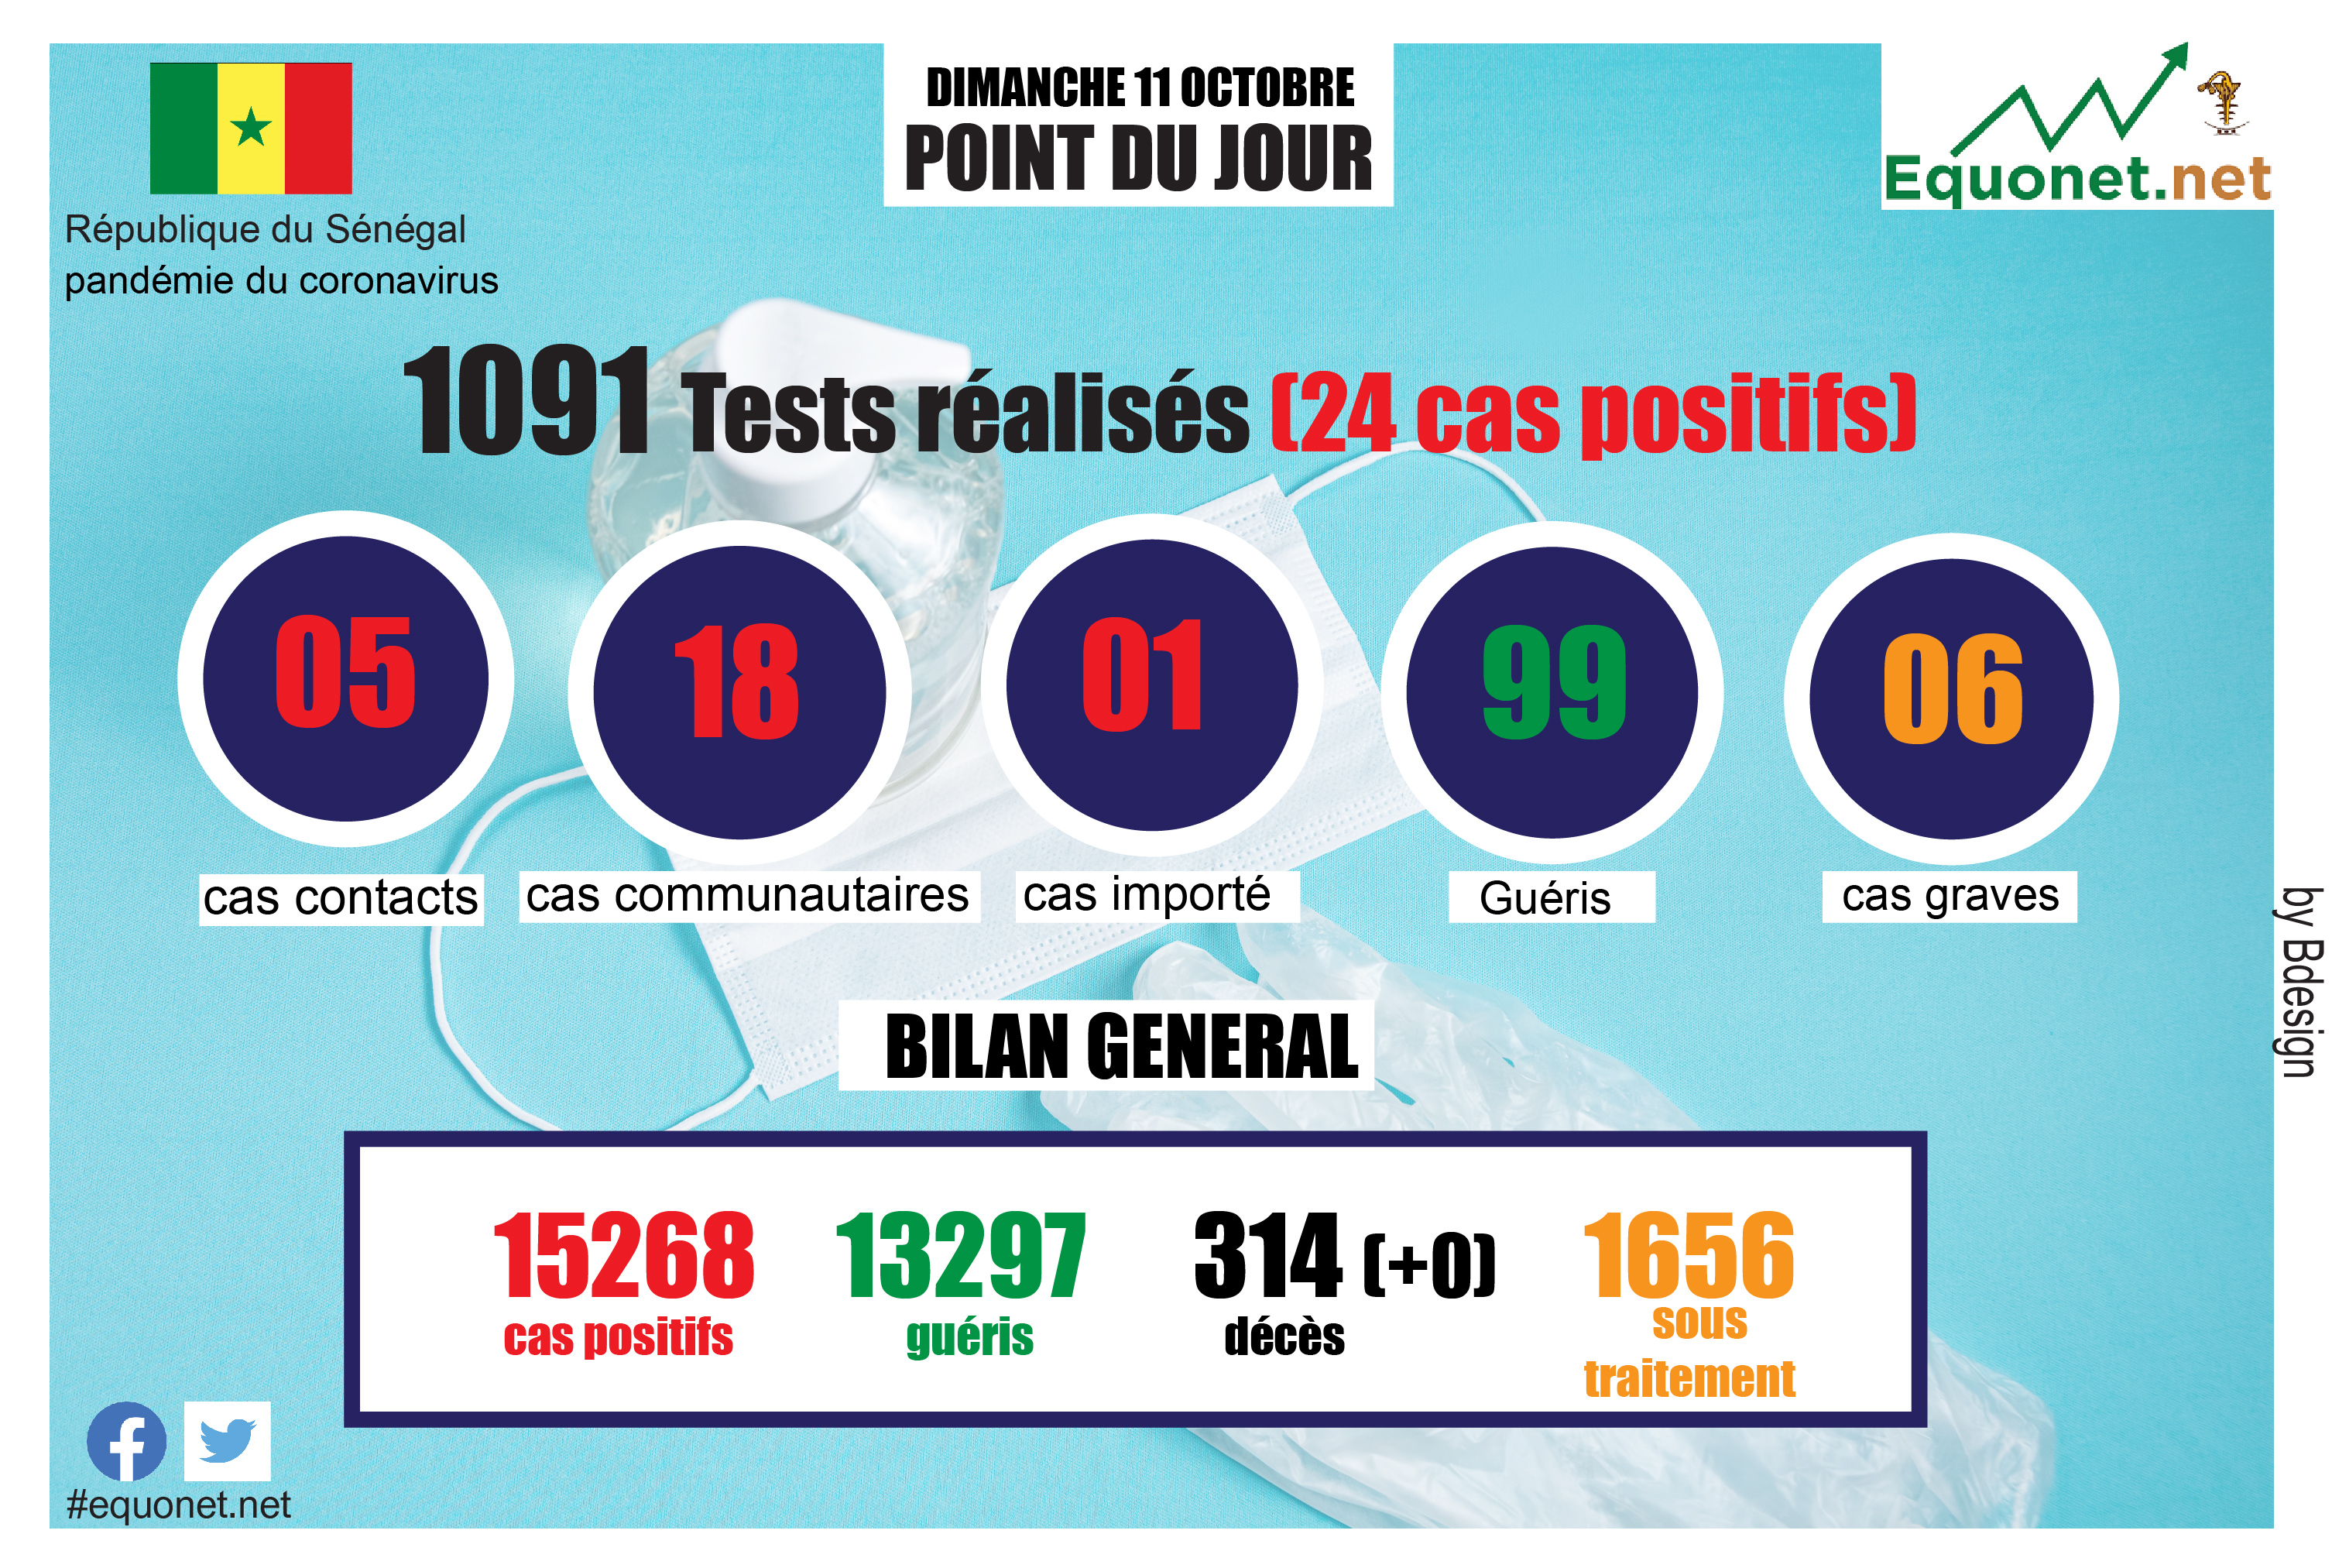 pandémie du coronavirus-covid-19 au sénégal : point de situation du dimanche 11 octobre 2020